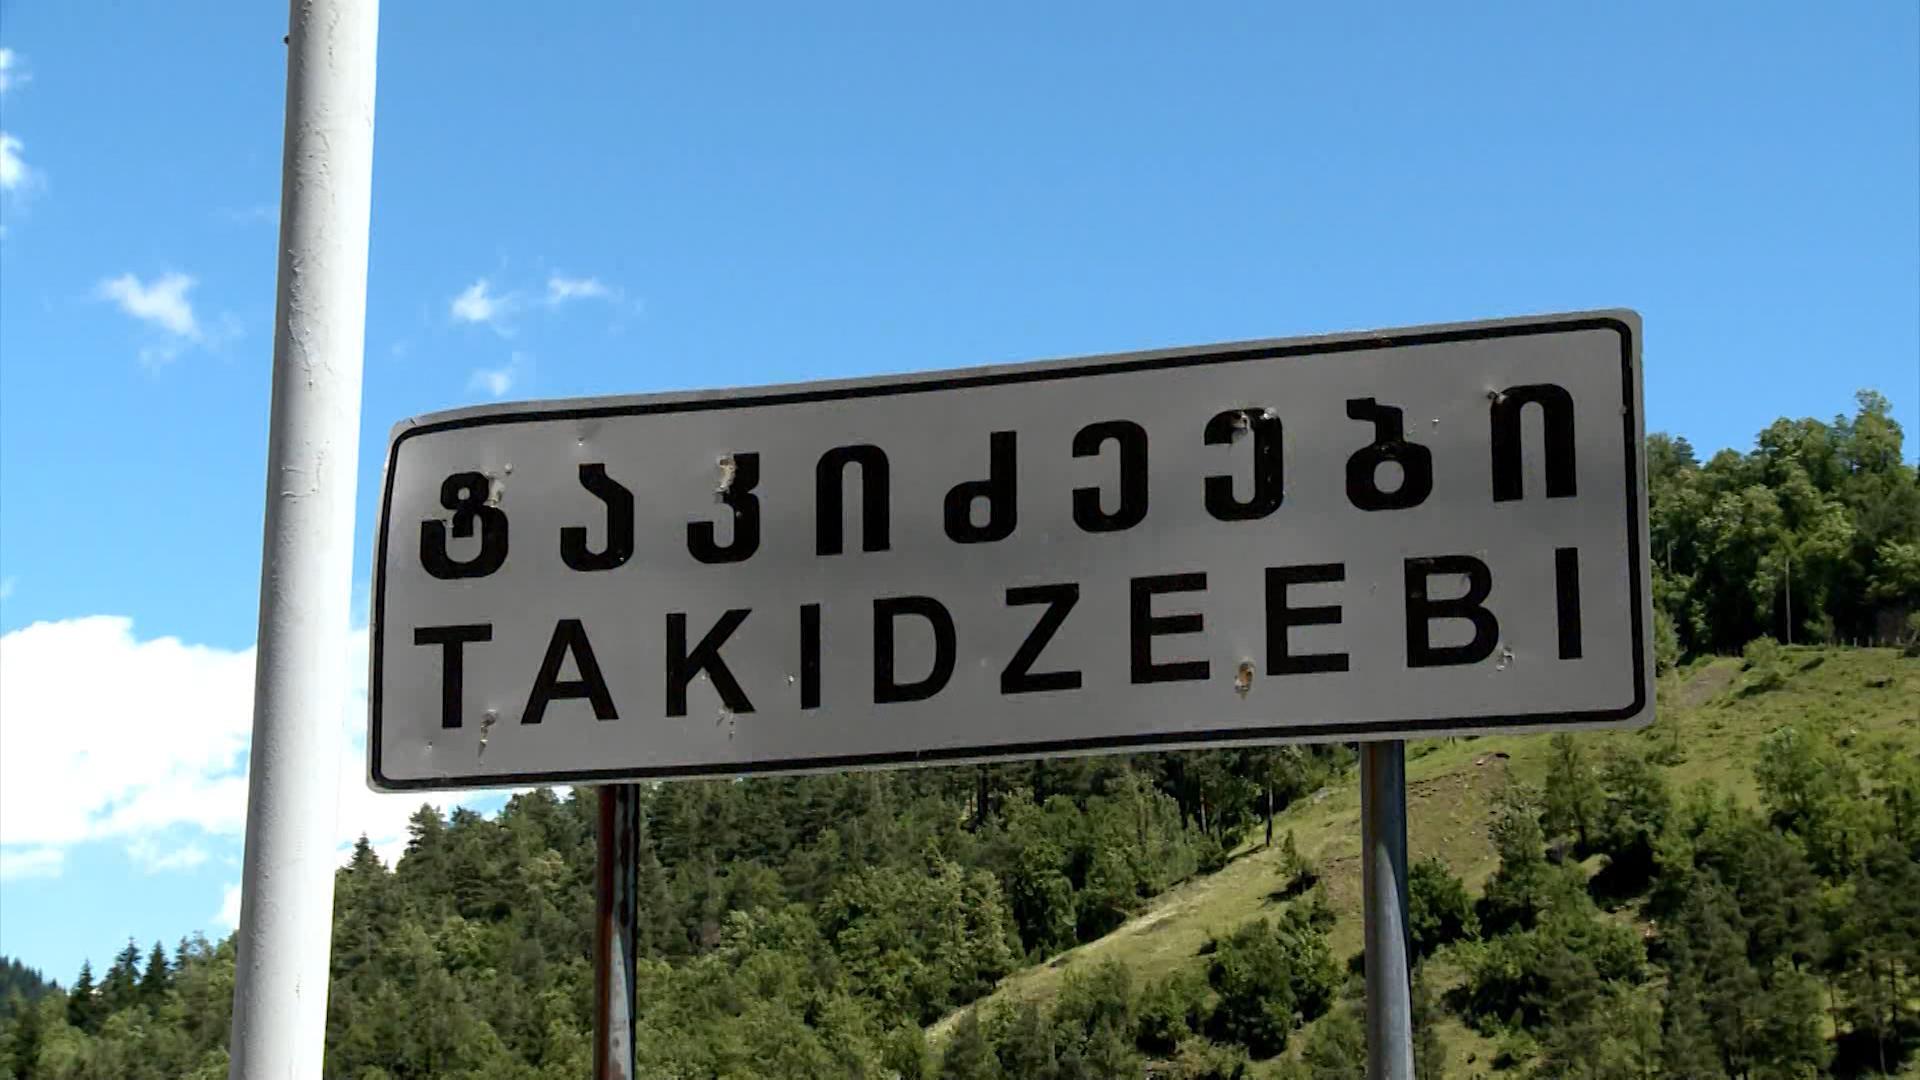 სოფელი ტაკიძეები / შუახევის მუნიციპალიტეტი / ჭვანის ხეობა